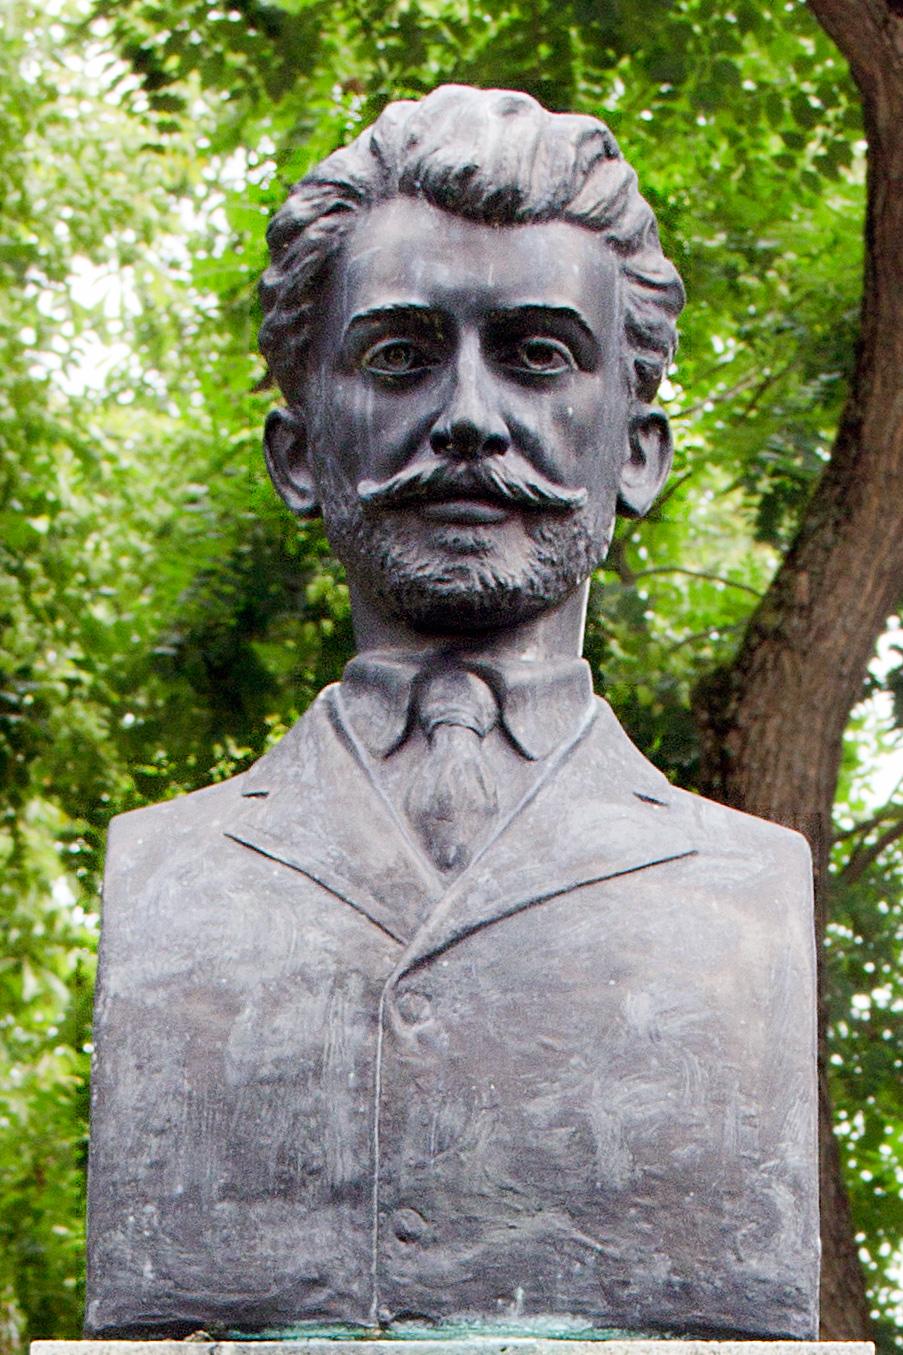 Monument de for public - Moga Radu; Bustul lui Ioan Rusu Şirianu - Primăria Municipiului Arad - ARAD